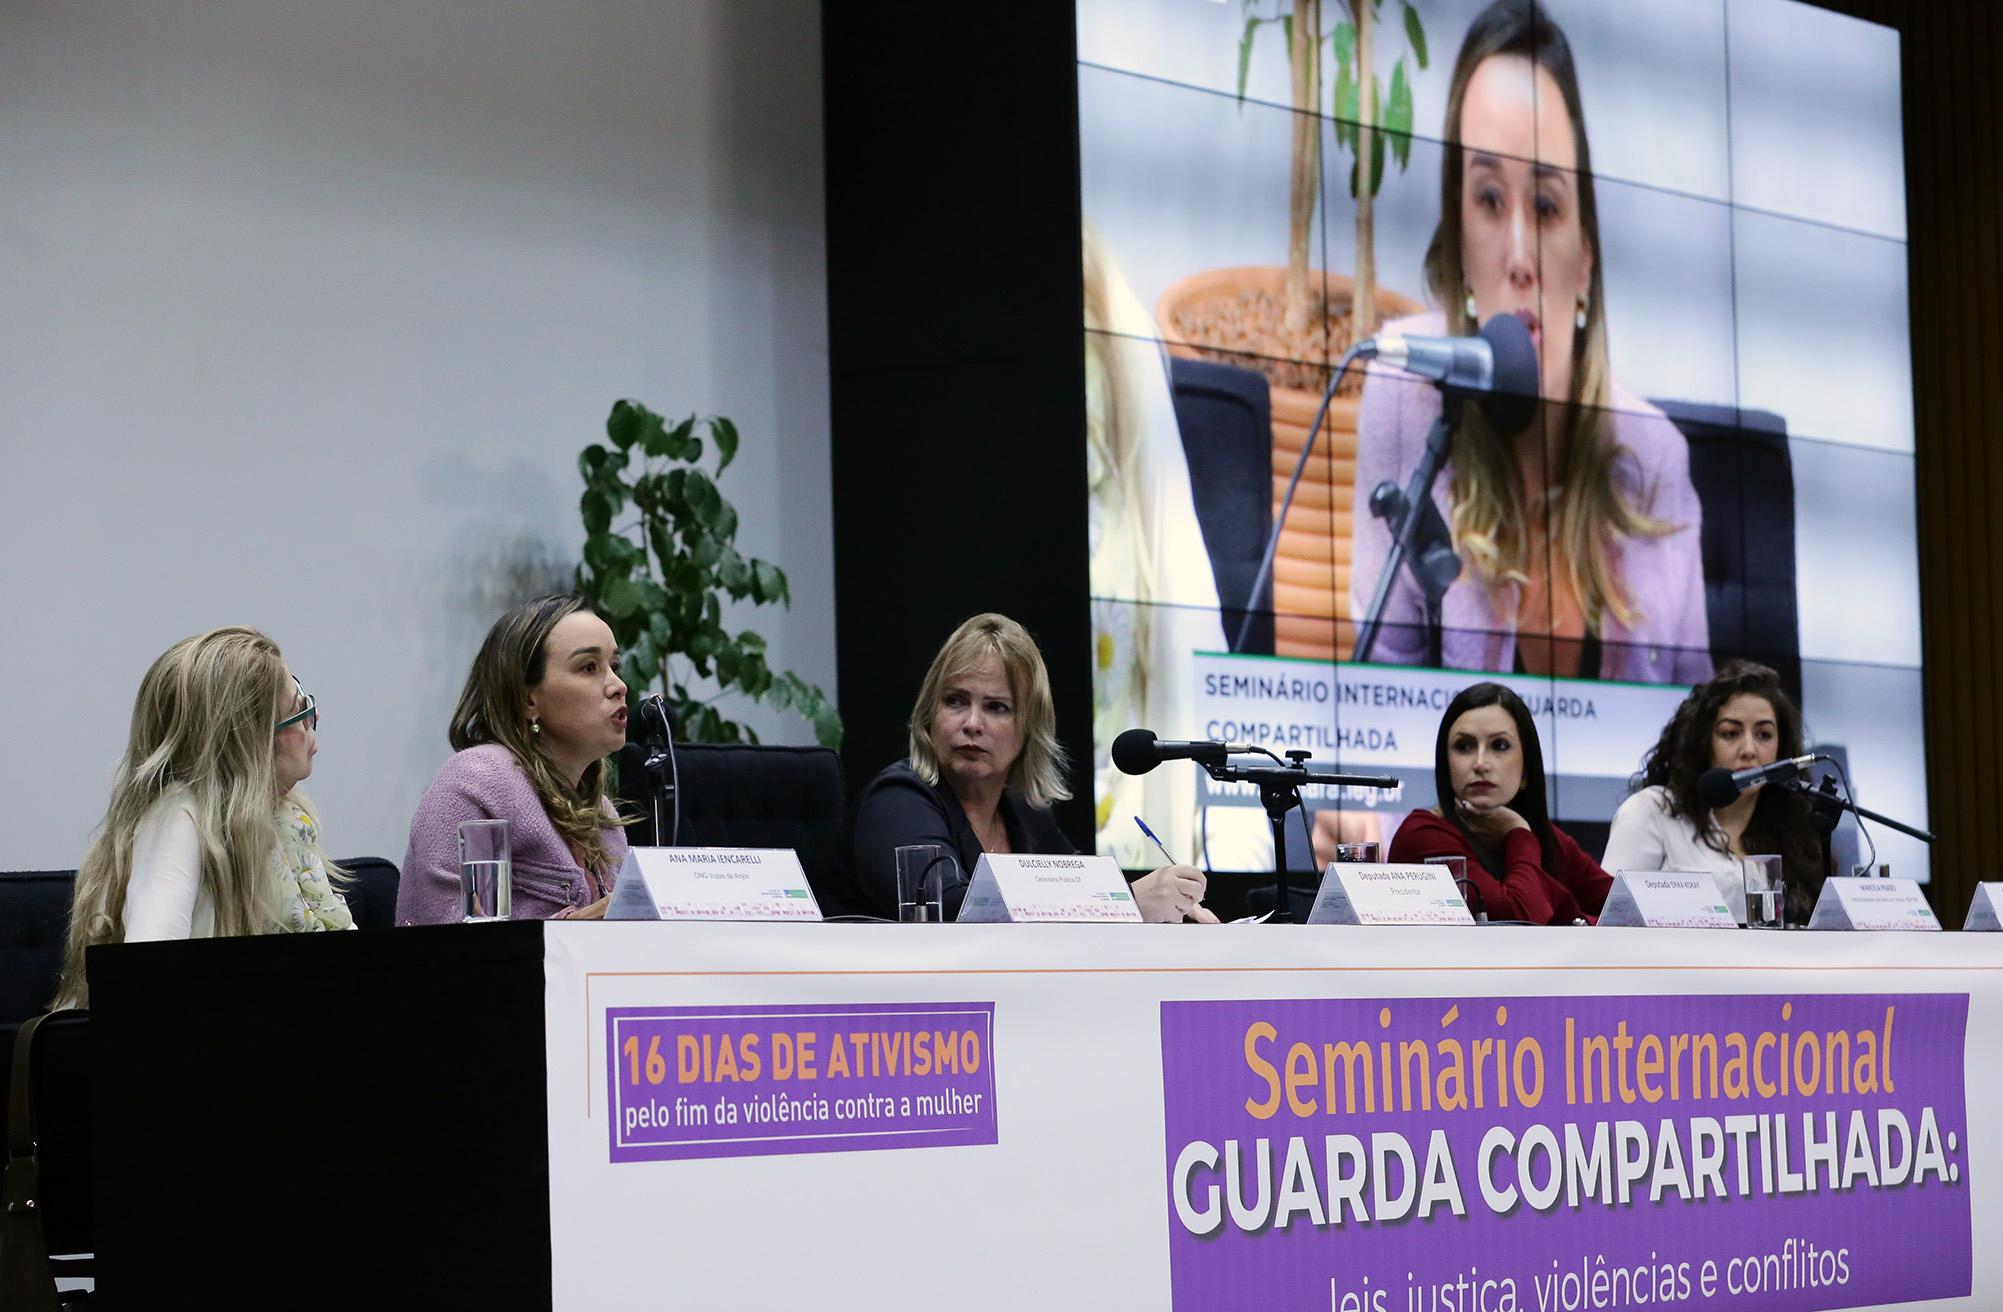 Comissão de Defesa dos Direitos da Mulher (CMULHER) e Comissão Mista de Combate à Violência contra a Mulher, da Secretaria da Mulher e da Procuradoria da Mulher no Senado Federal . Seminário Internacional guarda compartilhada.